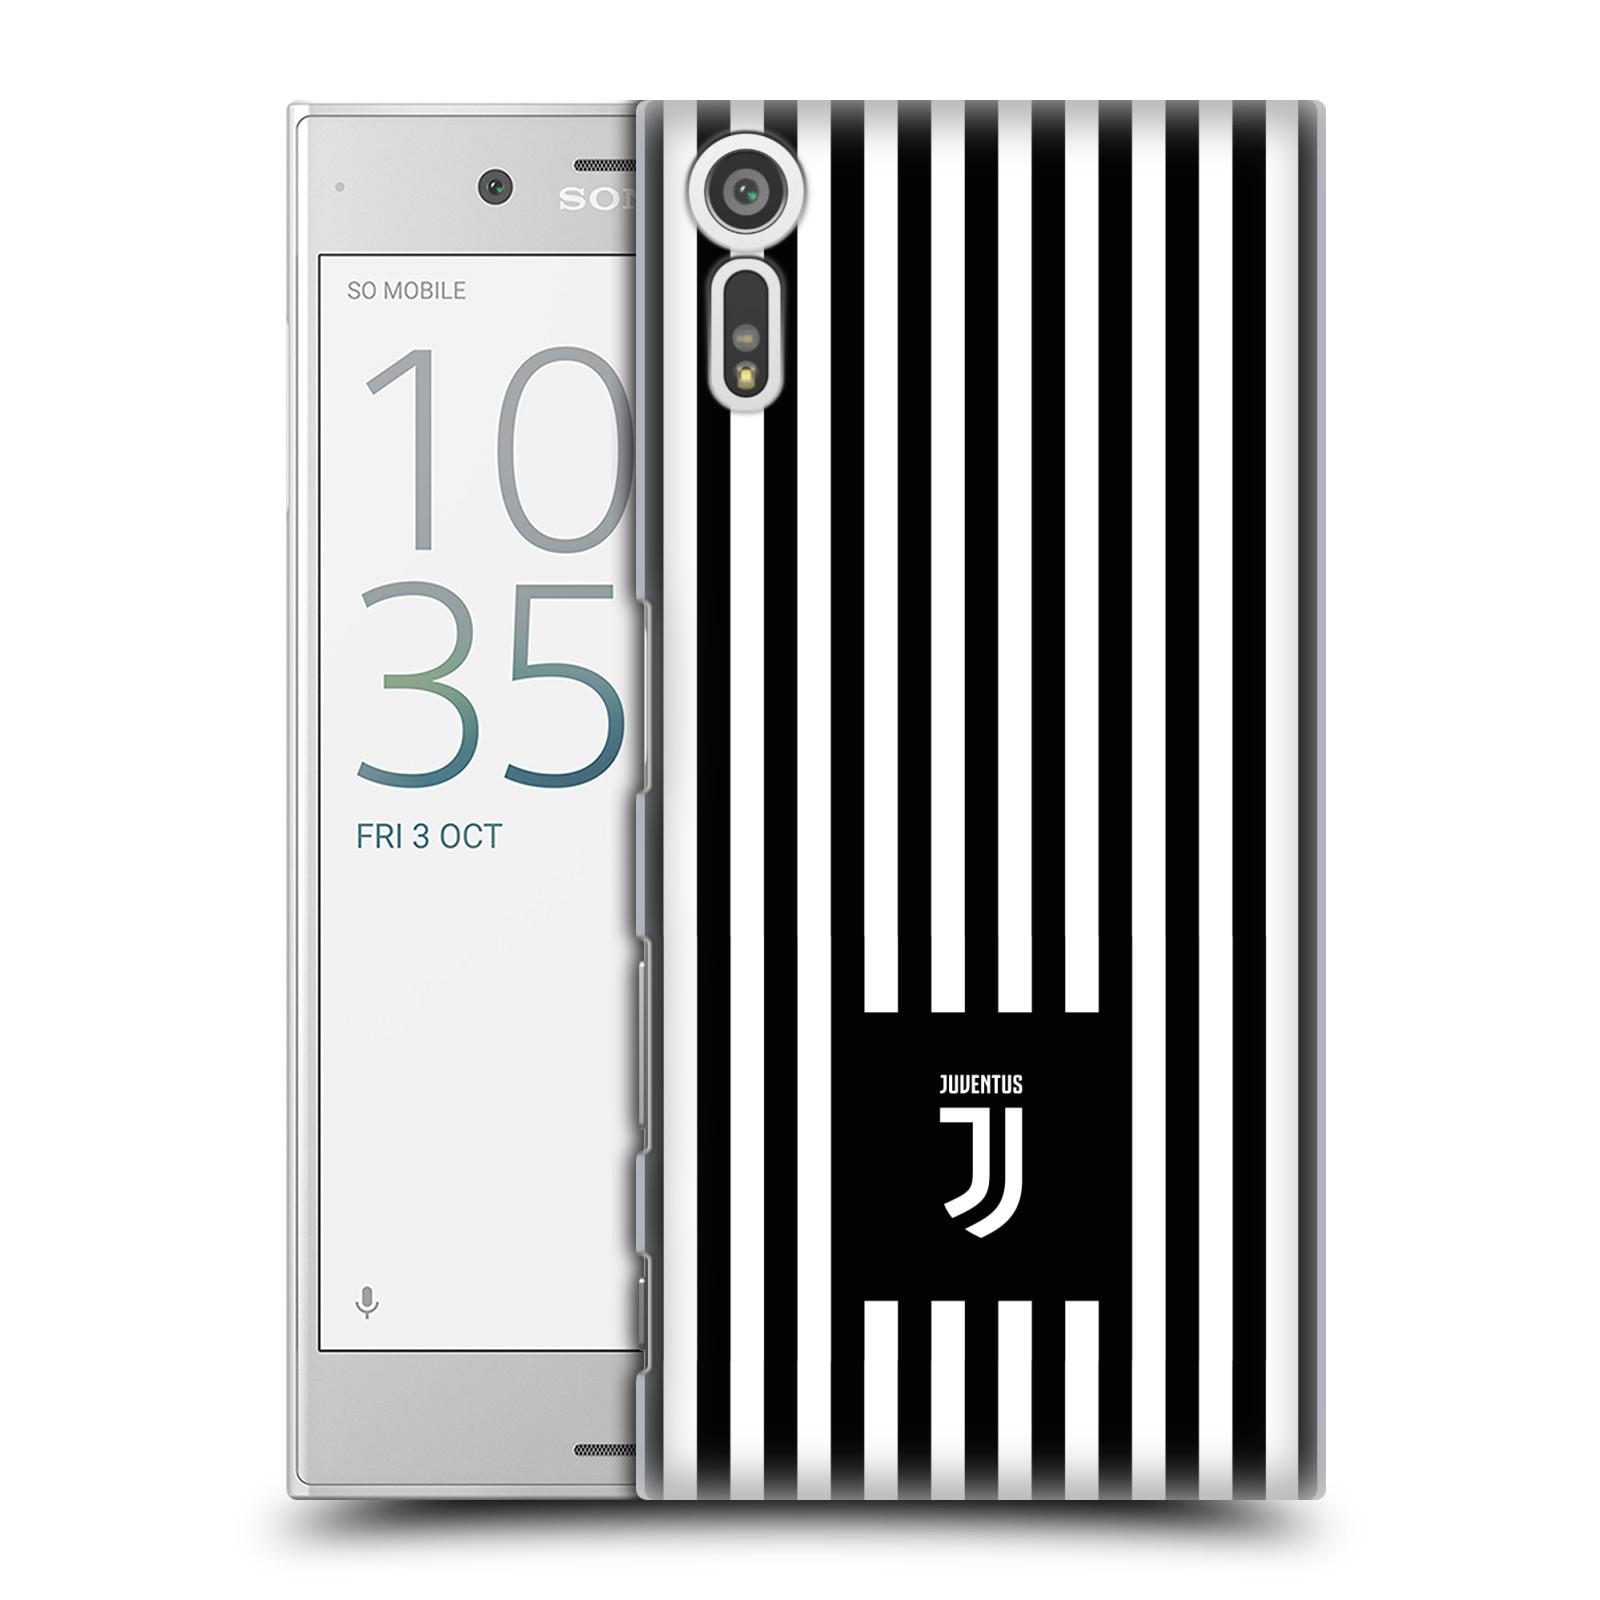 Plastové pouzdro na mobil Sony Xperia XZ - Head Case - Juventus FC - Nové logo - Pruhy (Plastový kryt či obal na mobilní telefon s motivem Juventus FC - Nové logo - Pruhy pro Sony Xperia XZ F8331 / Sony Xperia XZ Dual F8332)